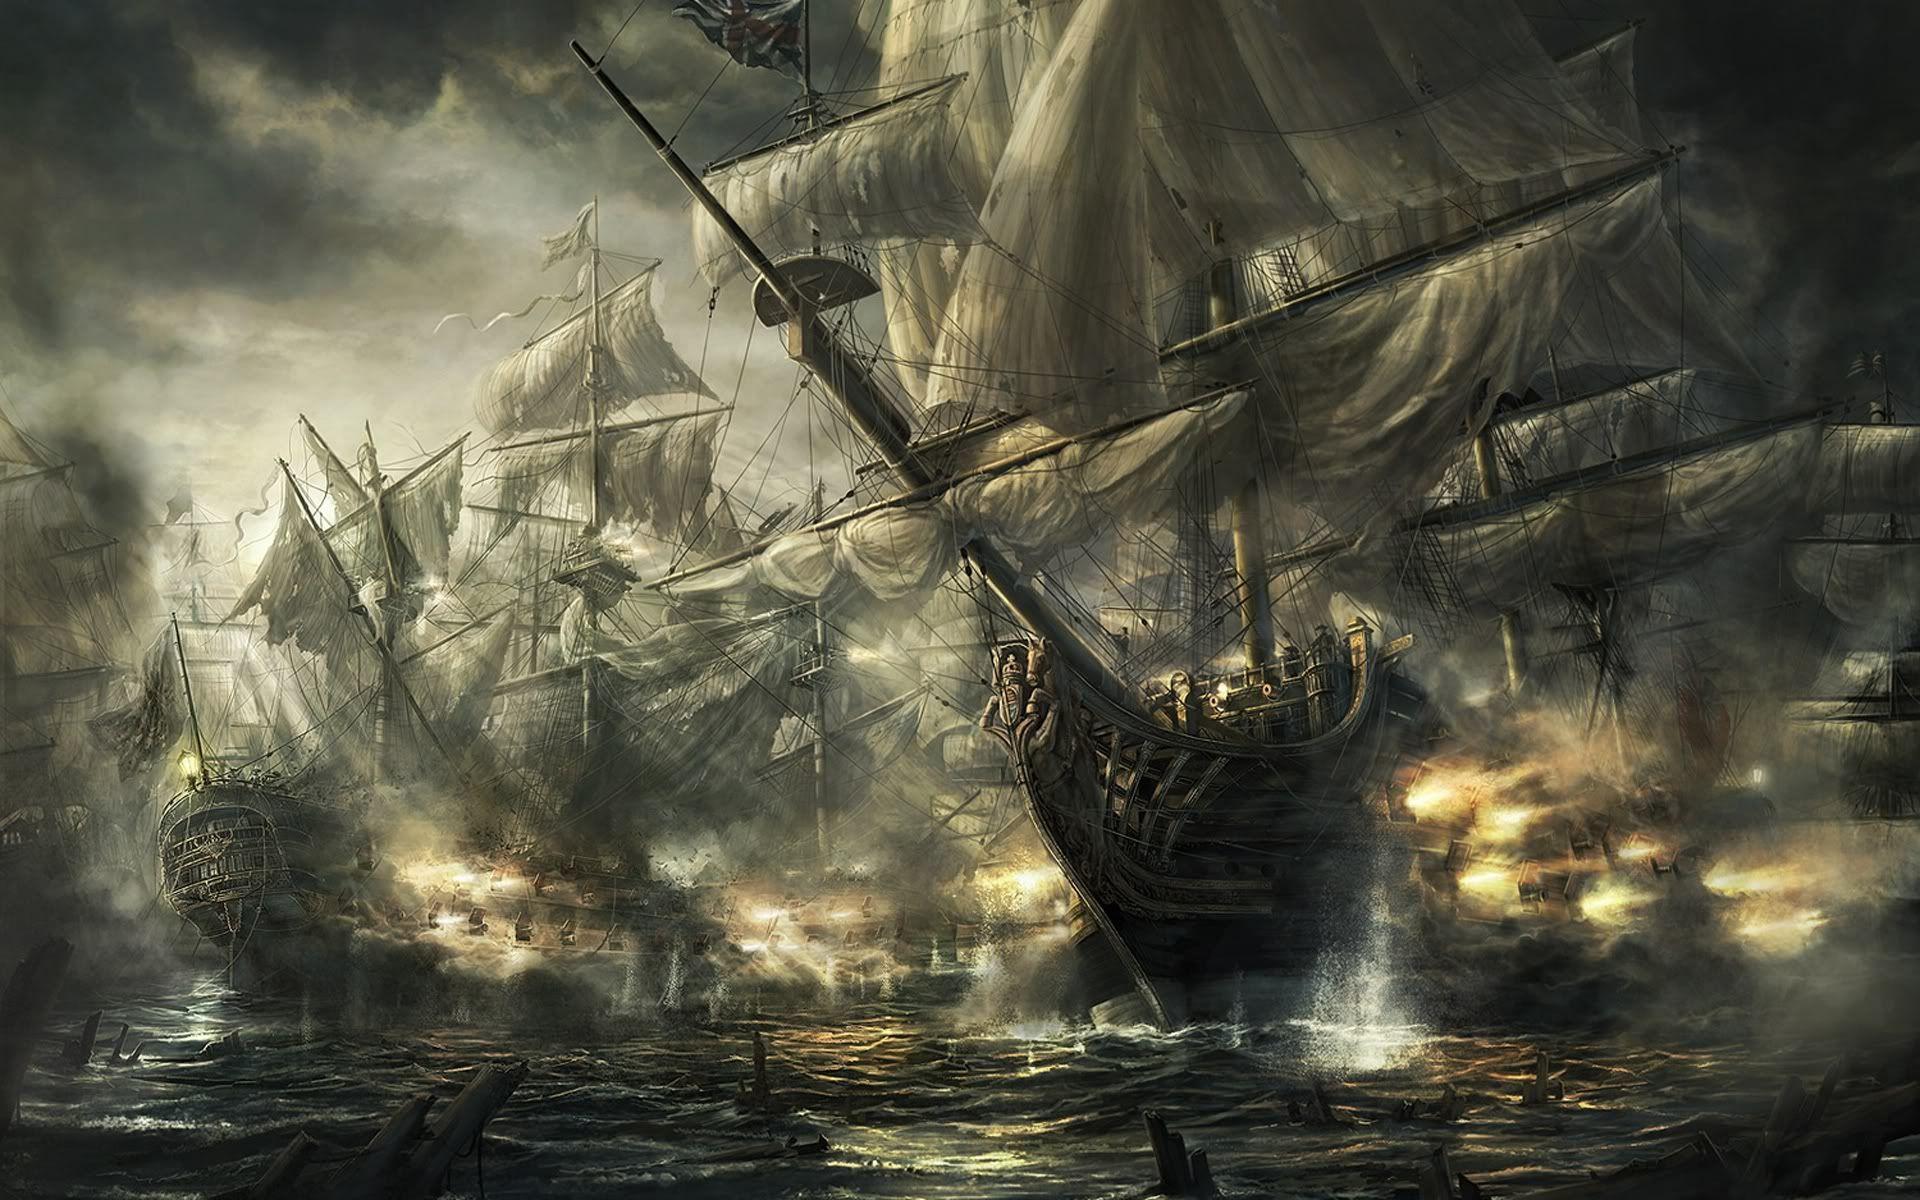 Pirate Ship Battle repinned by www.BlickeDeeler.de